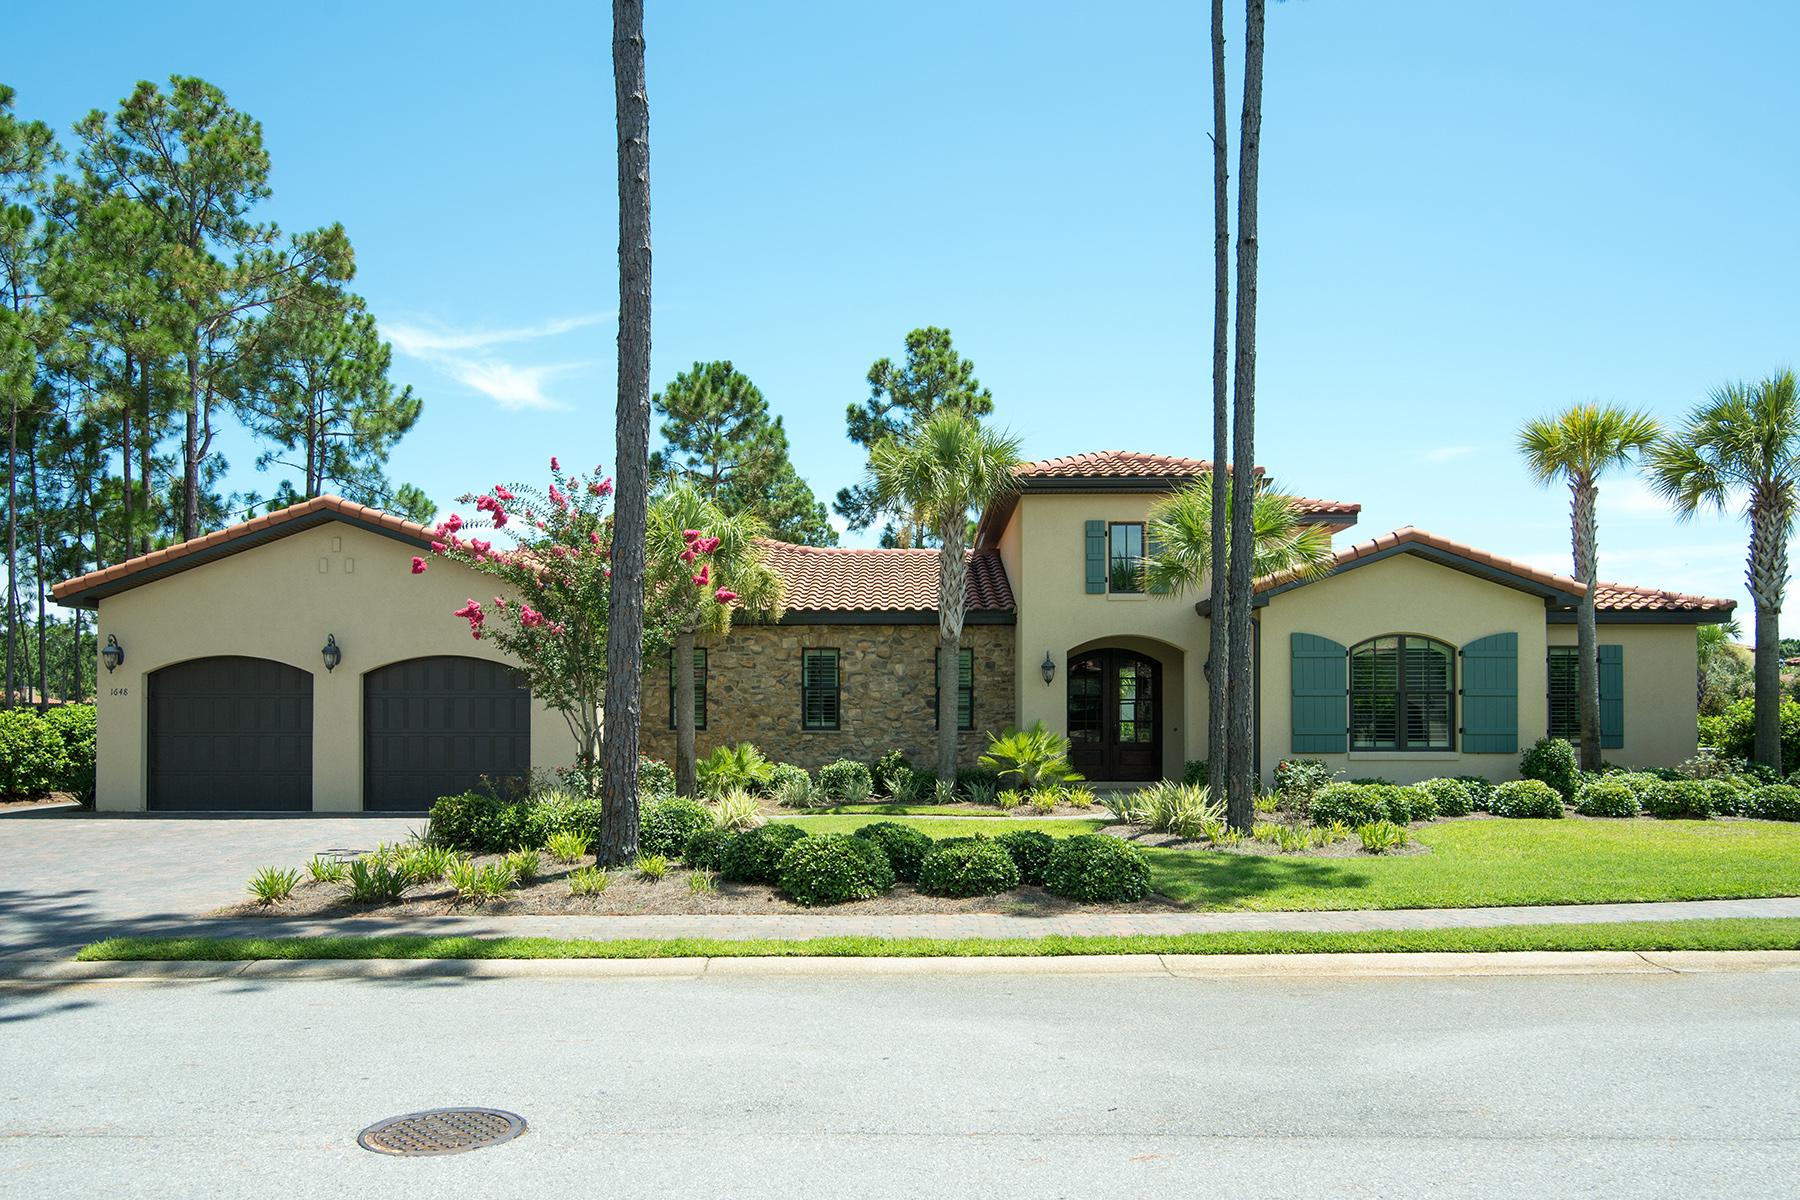 Частный односемейный дом для того Продажа на EXQUISITE HOME ON THE LAKE IN SOUGHT AFTER SANDESTIN NEIGHBORHOOD 1648 San Marina Boulevard Miramar Beach, Флорида, 32550 Соединенные Штаты